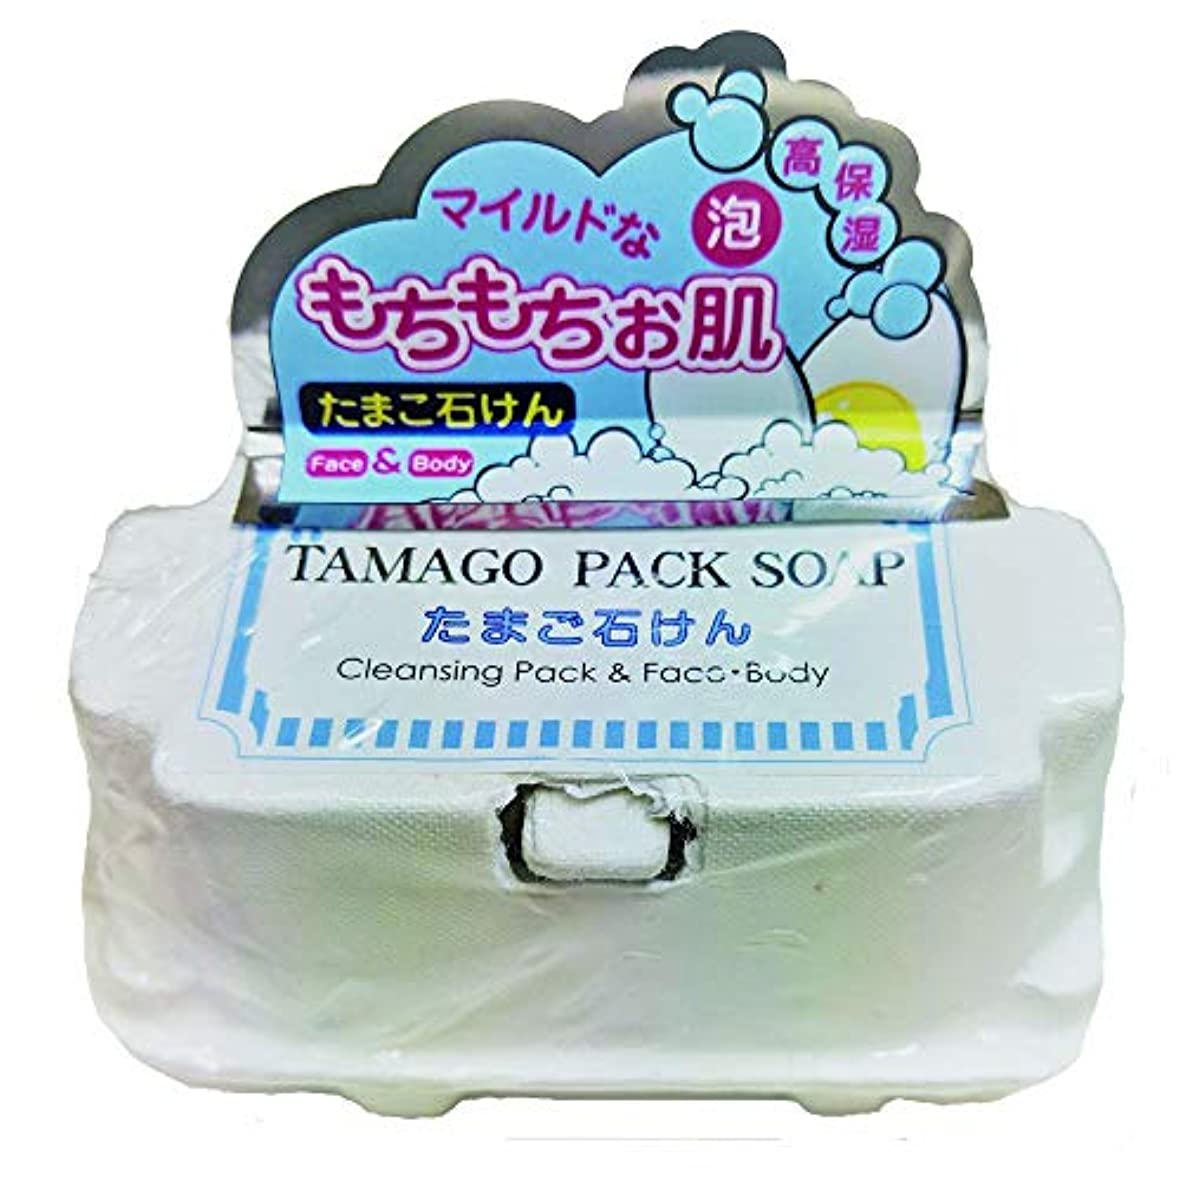 キャスト代わりに車両ドクターアト たまご石けん Dr.Ato TAMAGO PACK SOAP 50g×2